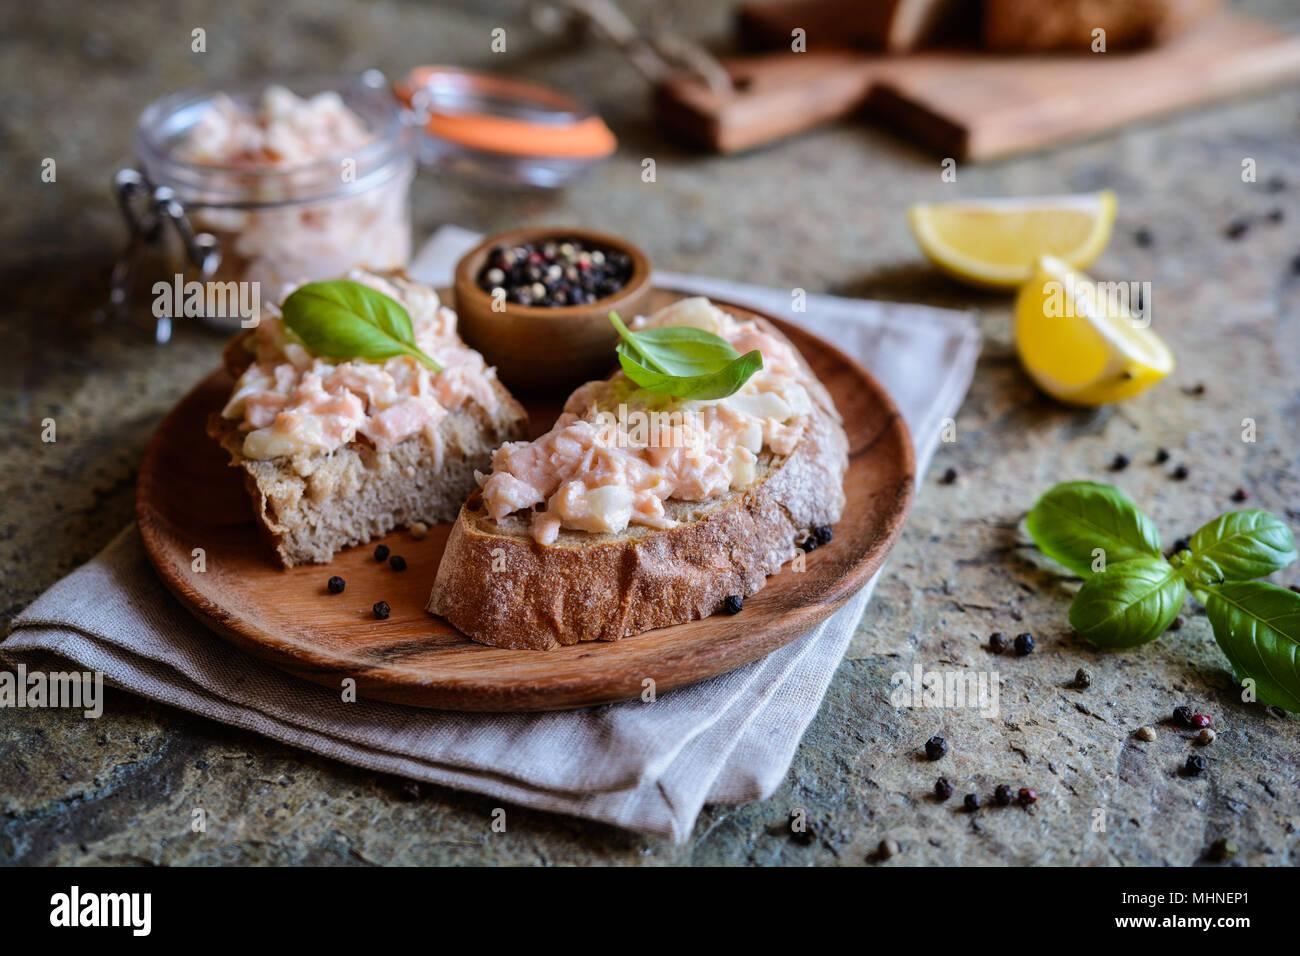 Lecker Lachs mit Frischkäse und Zwiebeln auf Vollkorn Brotscheiben Stockbild